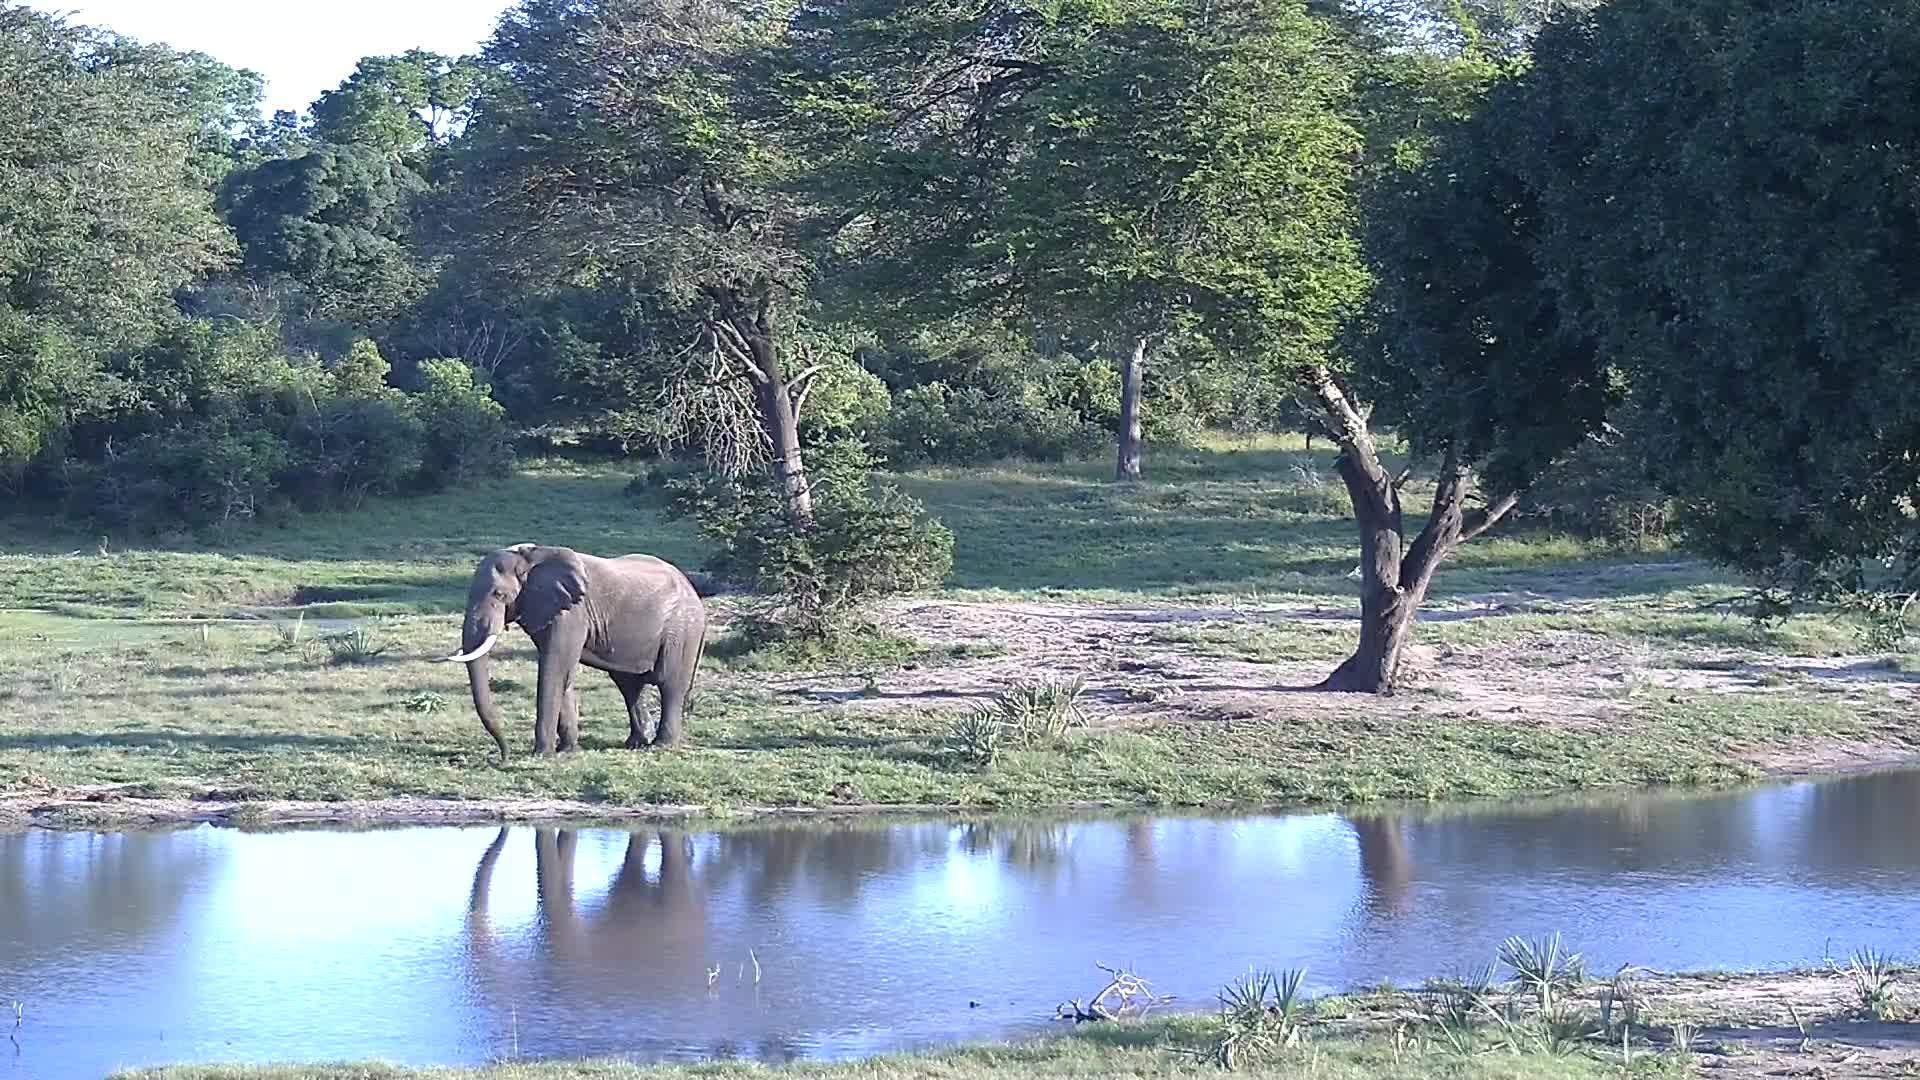 VIDEO:  Elephant walking past the waterhole